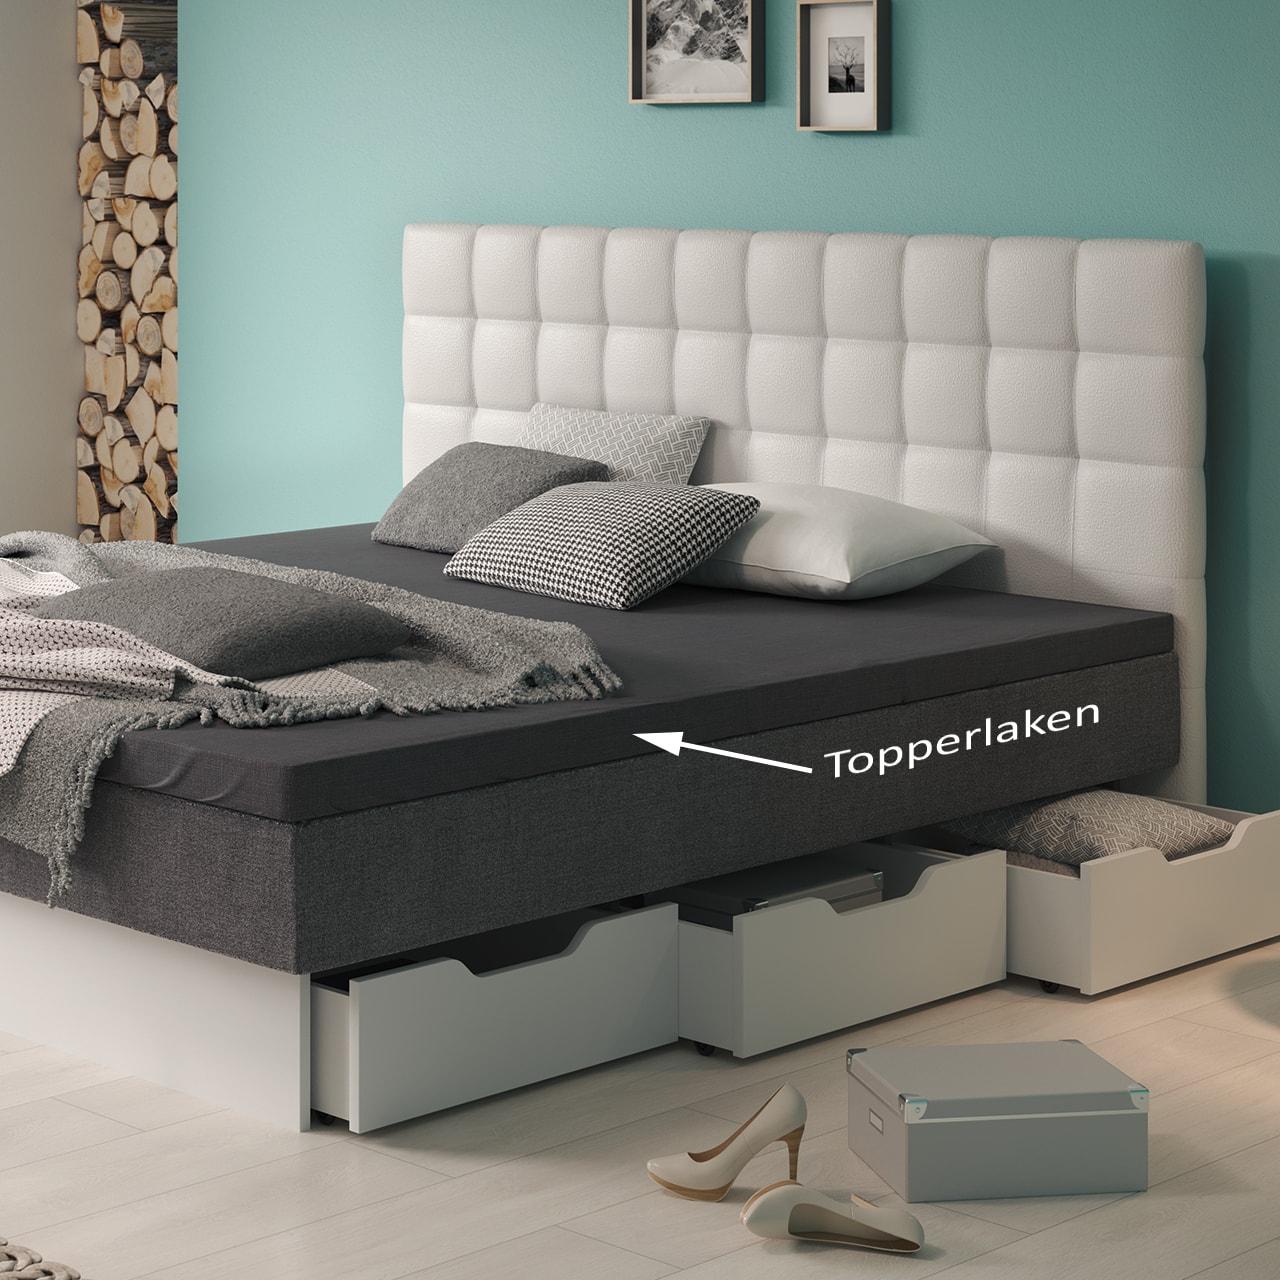 premium topper spannbettlaken f r suma wasserbetten. Black Bedroom Furniture Sets. Home Design Ideas